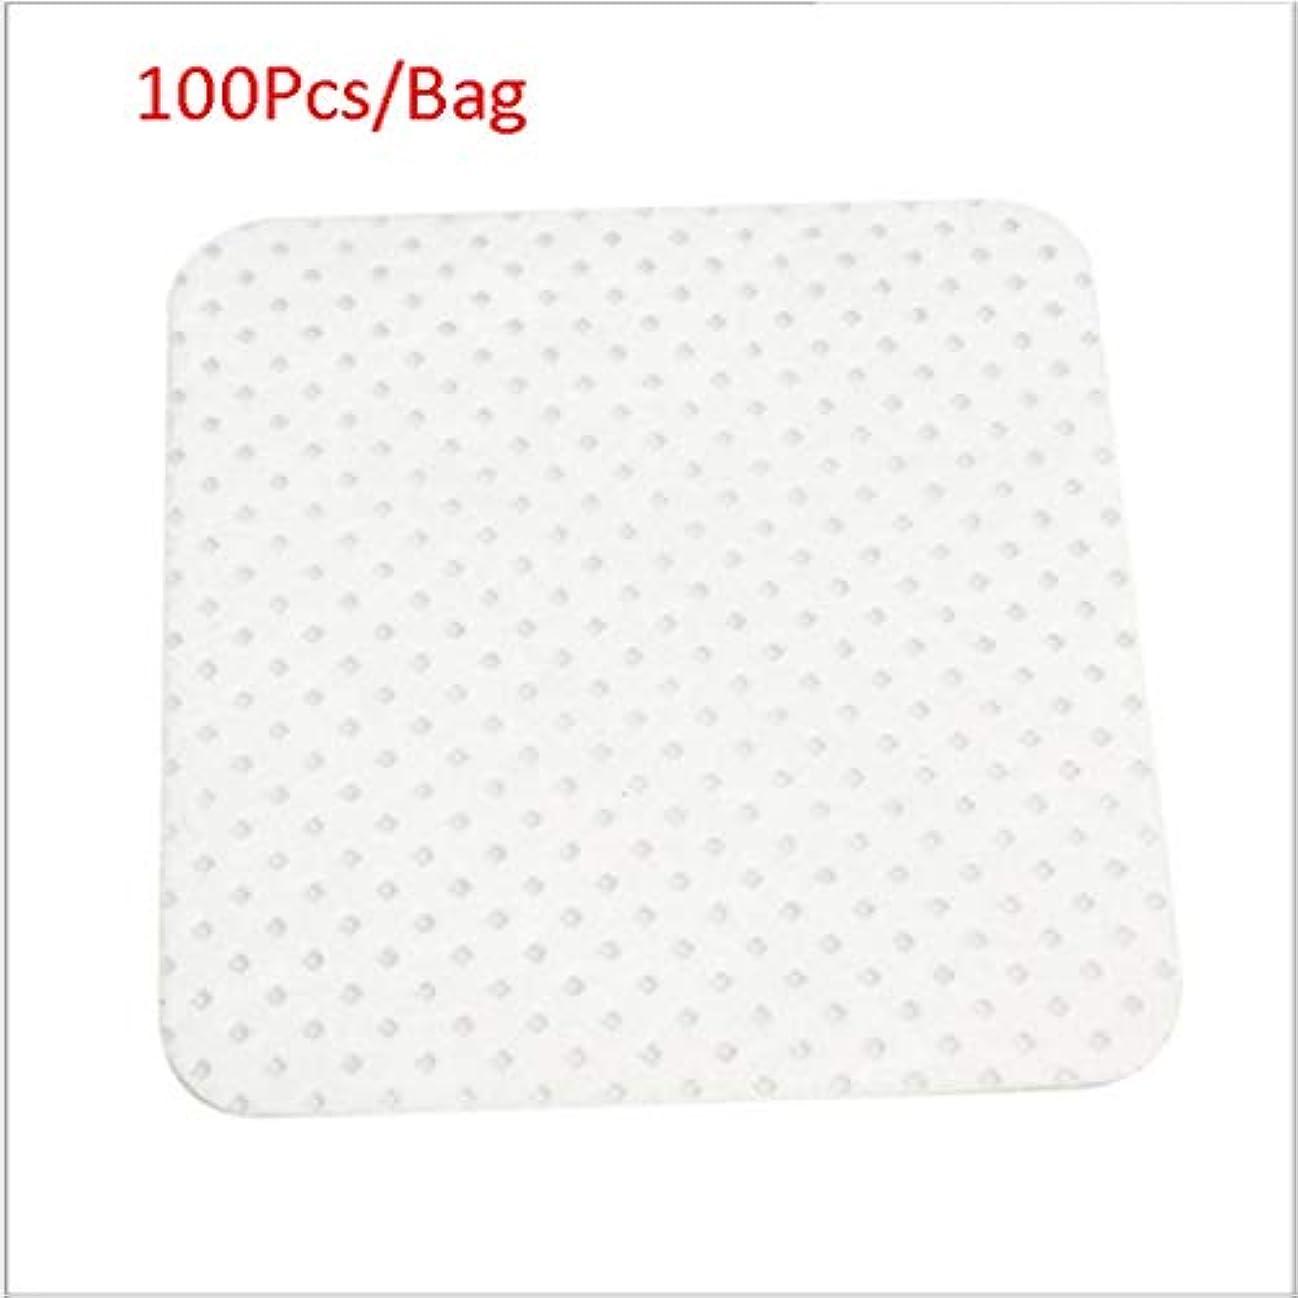 一致別の少ないクレンジングシート 100ピース/バッグ使い捨てまつげエクステンションのり取りコットンパッドボトル口拭きパッチメイク化粧品クリーニングツール (Color : White, サイズ : 5*5cm)